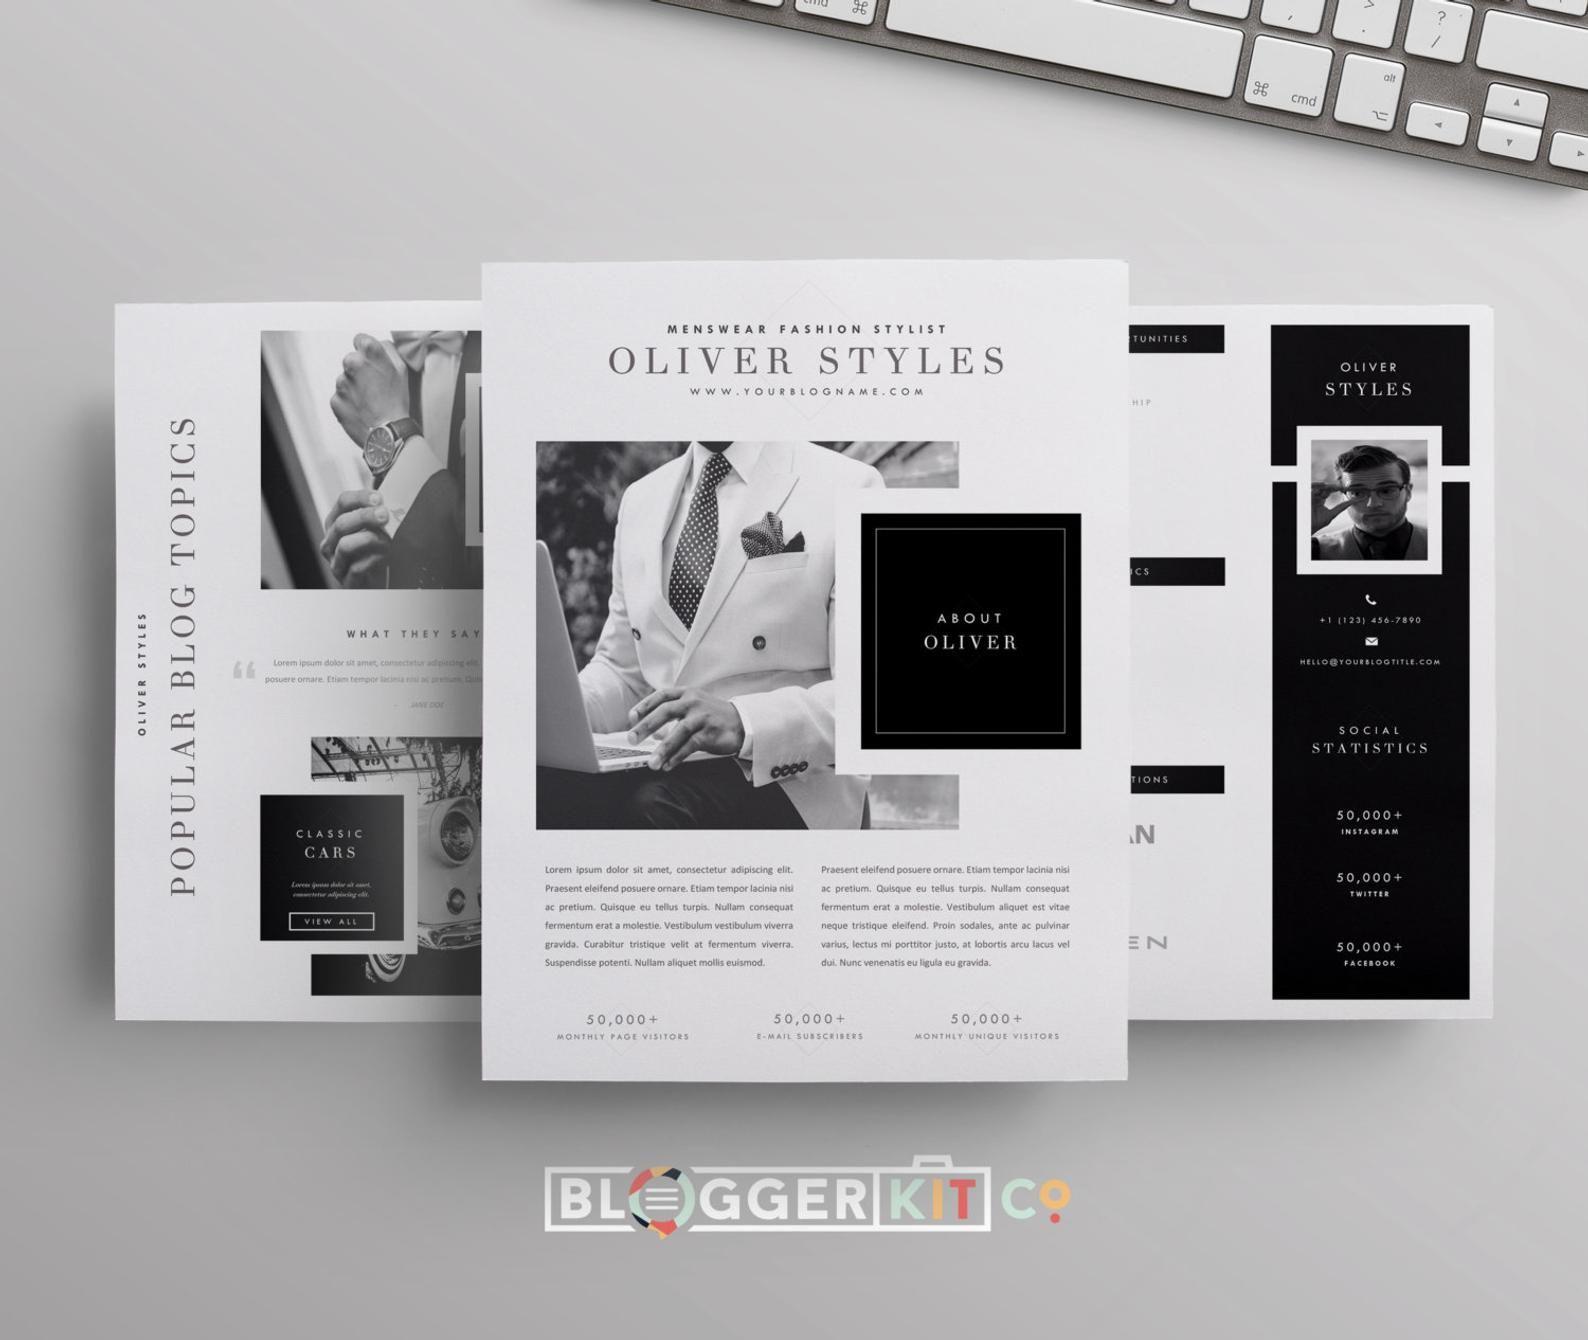 Drei Seiten Media Kit Vorlage Drucken Sie Kit Vorlage Etsy Media Kit Template Blogger Media Kit Media Kit